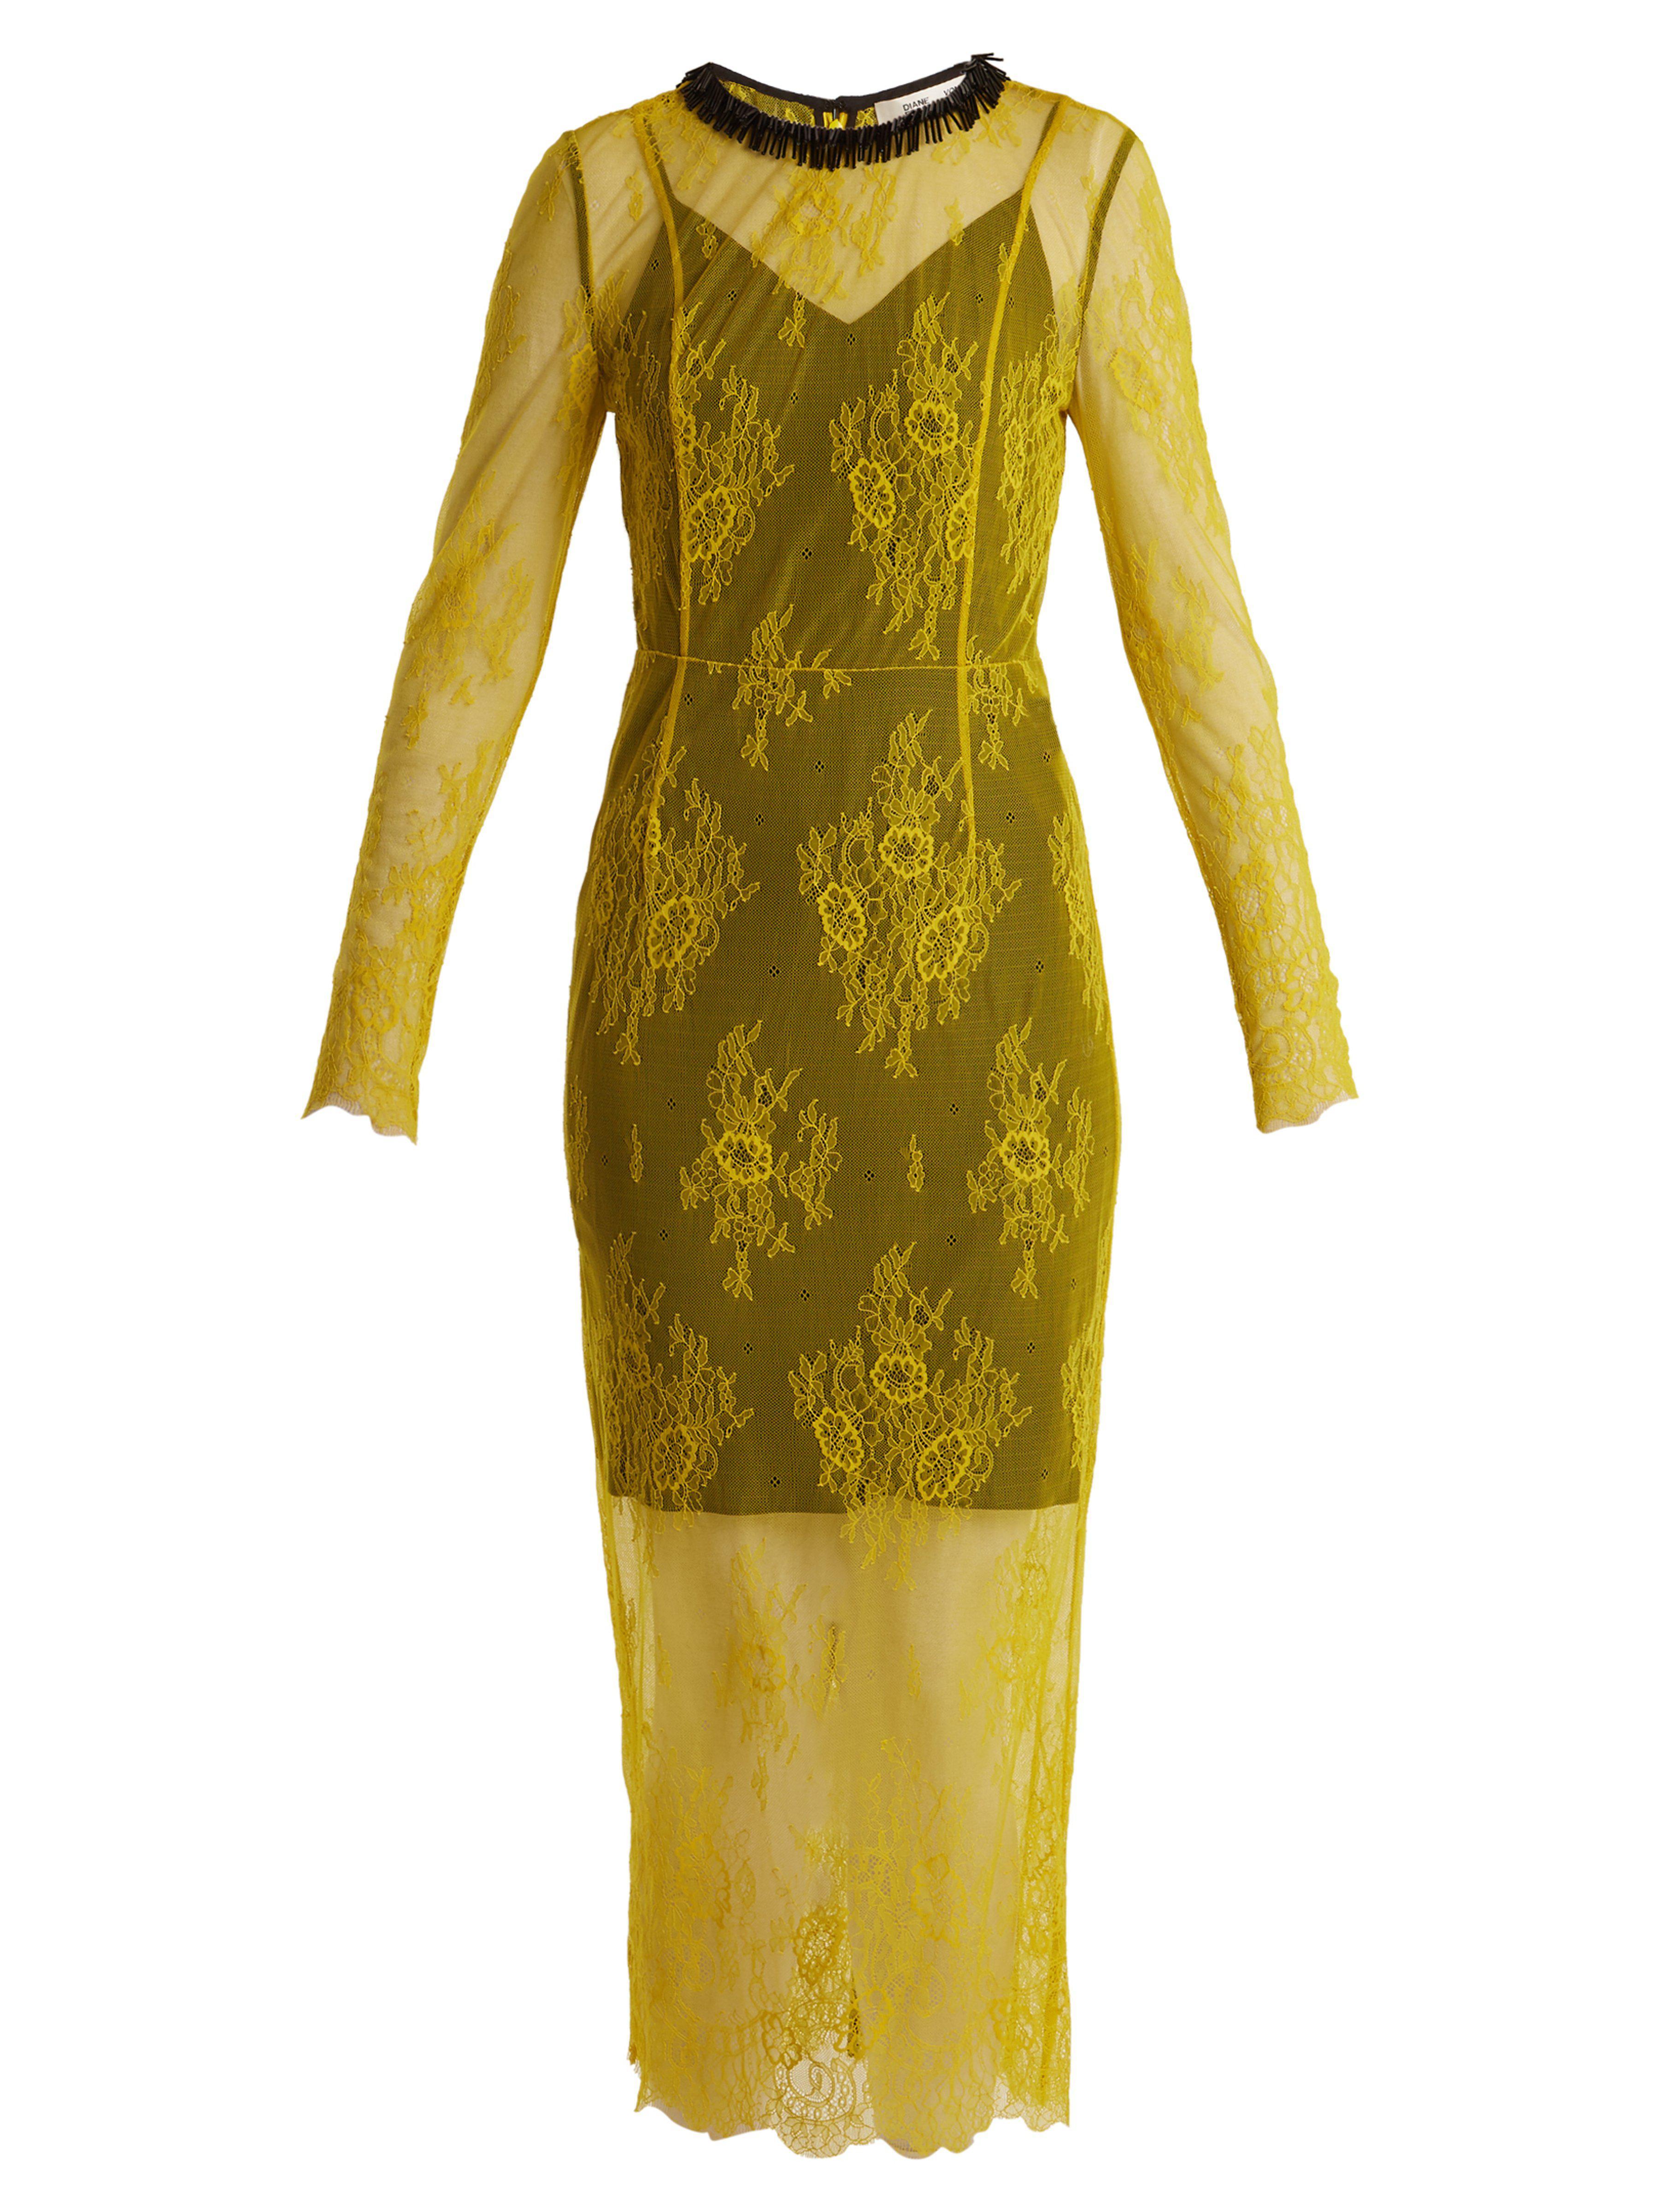 47d22443c5f Diane von Furstenberg. Robe en dentelle à manches longues ornée de perles  ...